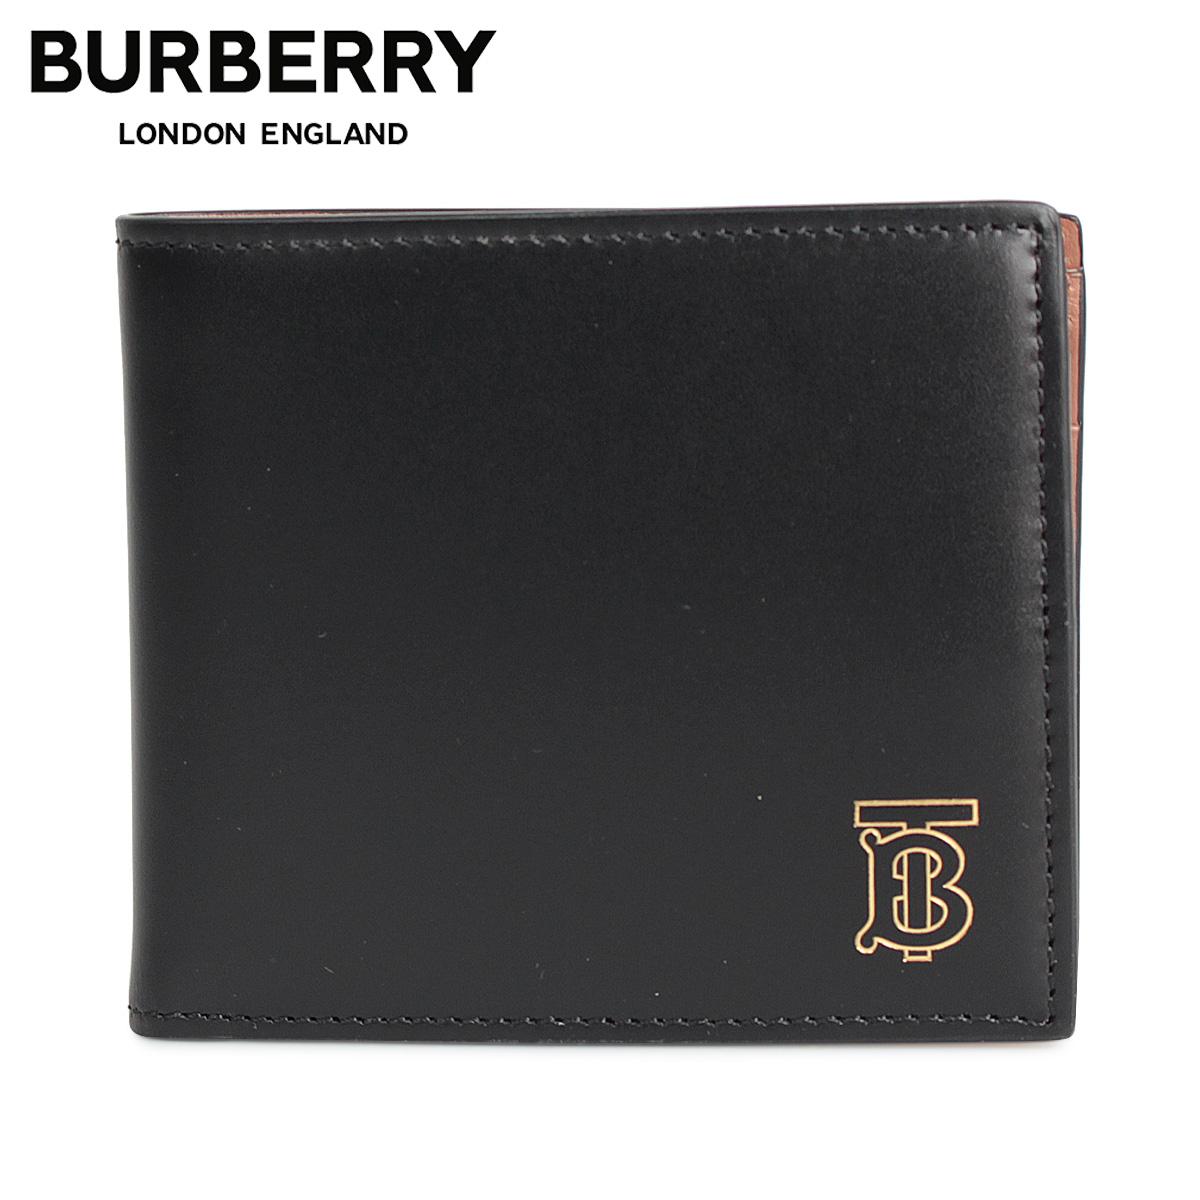 BURBERRY バーバリー 財布 二つ折り メンズ CC BILL COIN ブラック 黒 8014024